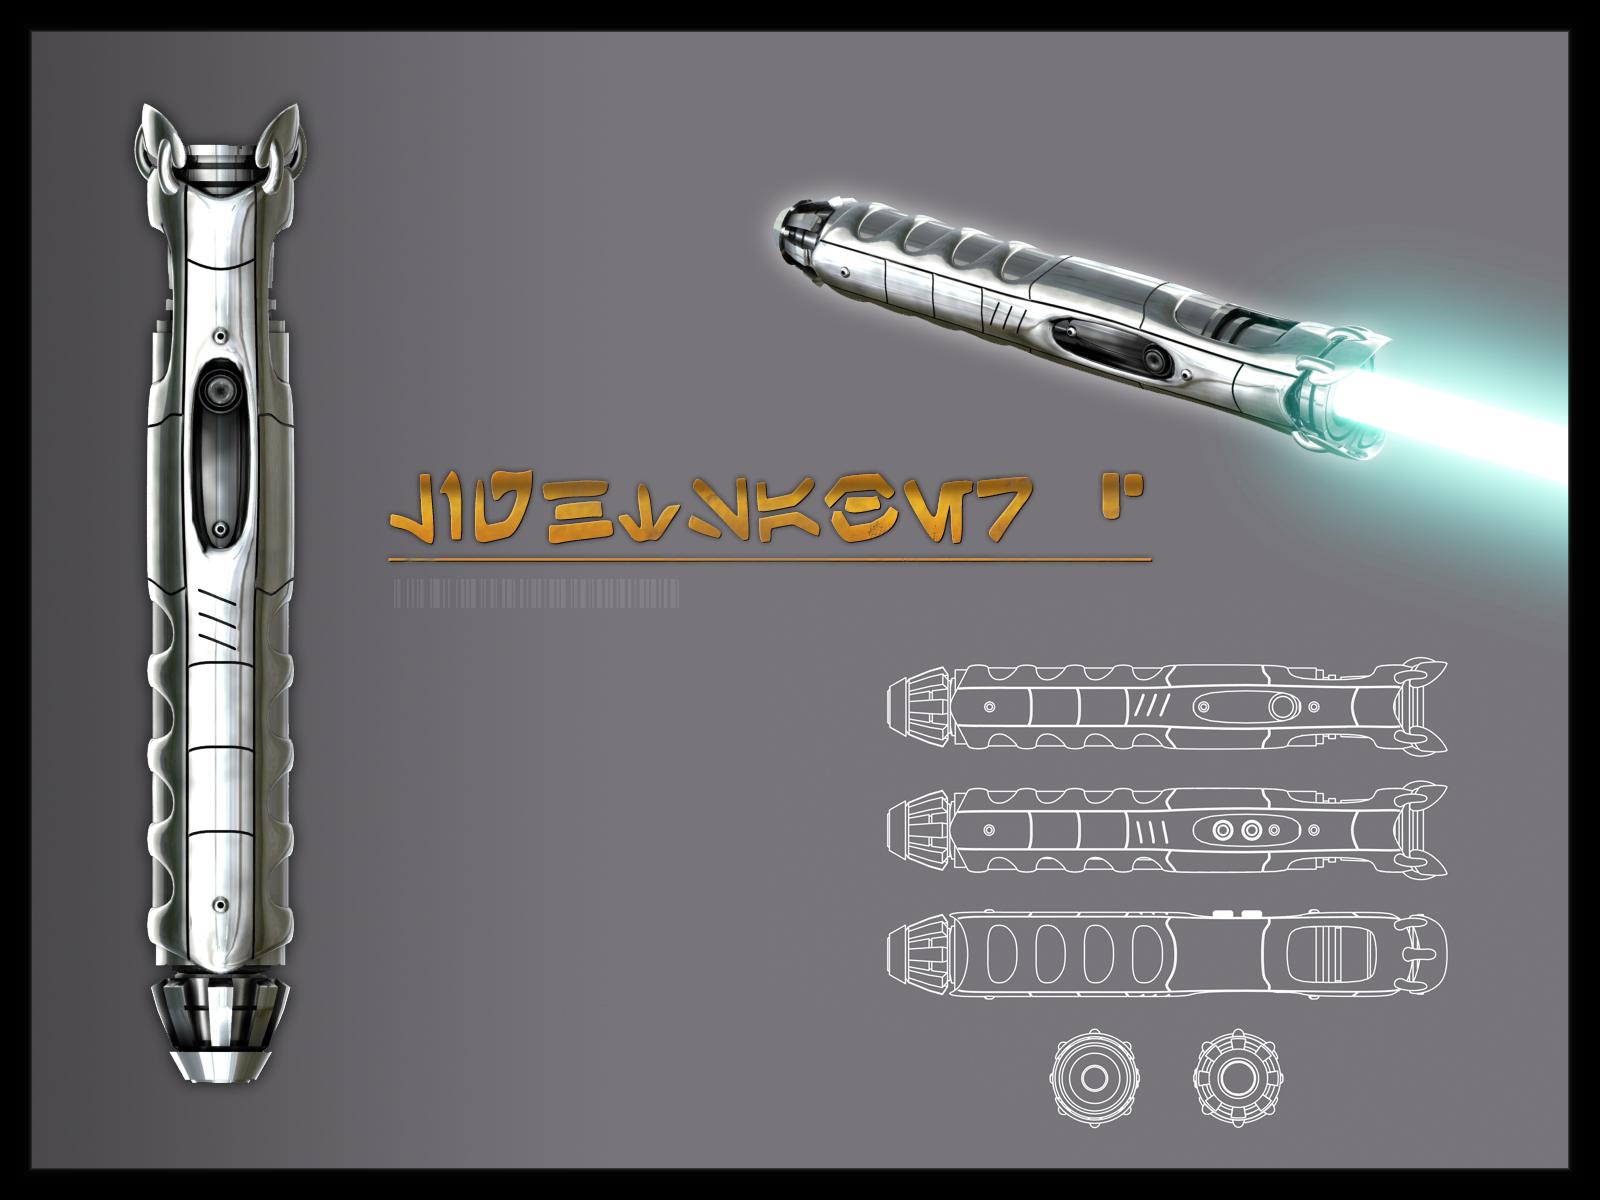 Lightsaber v4.0